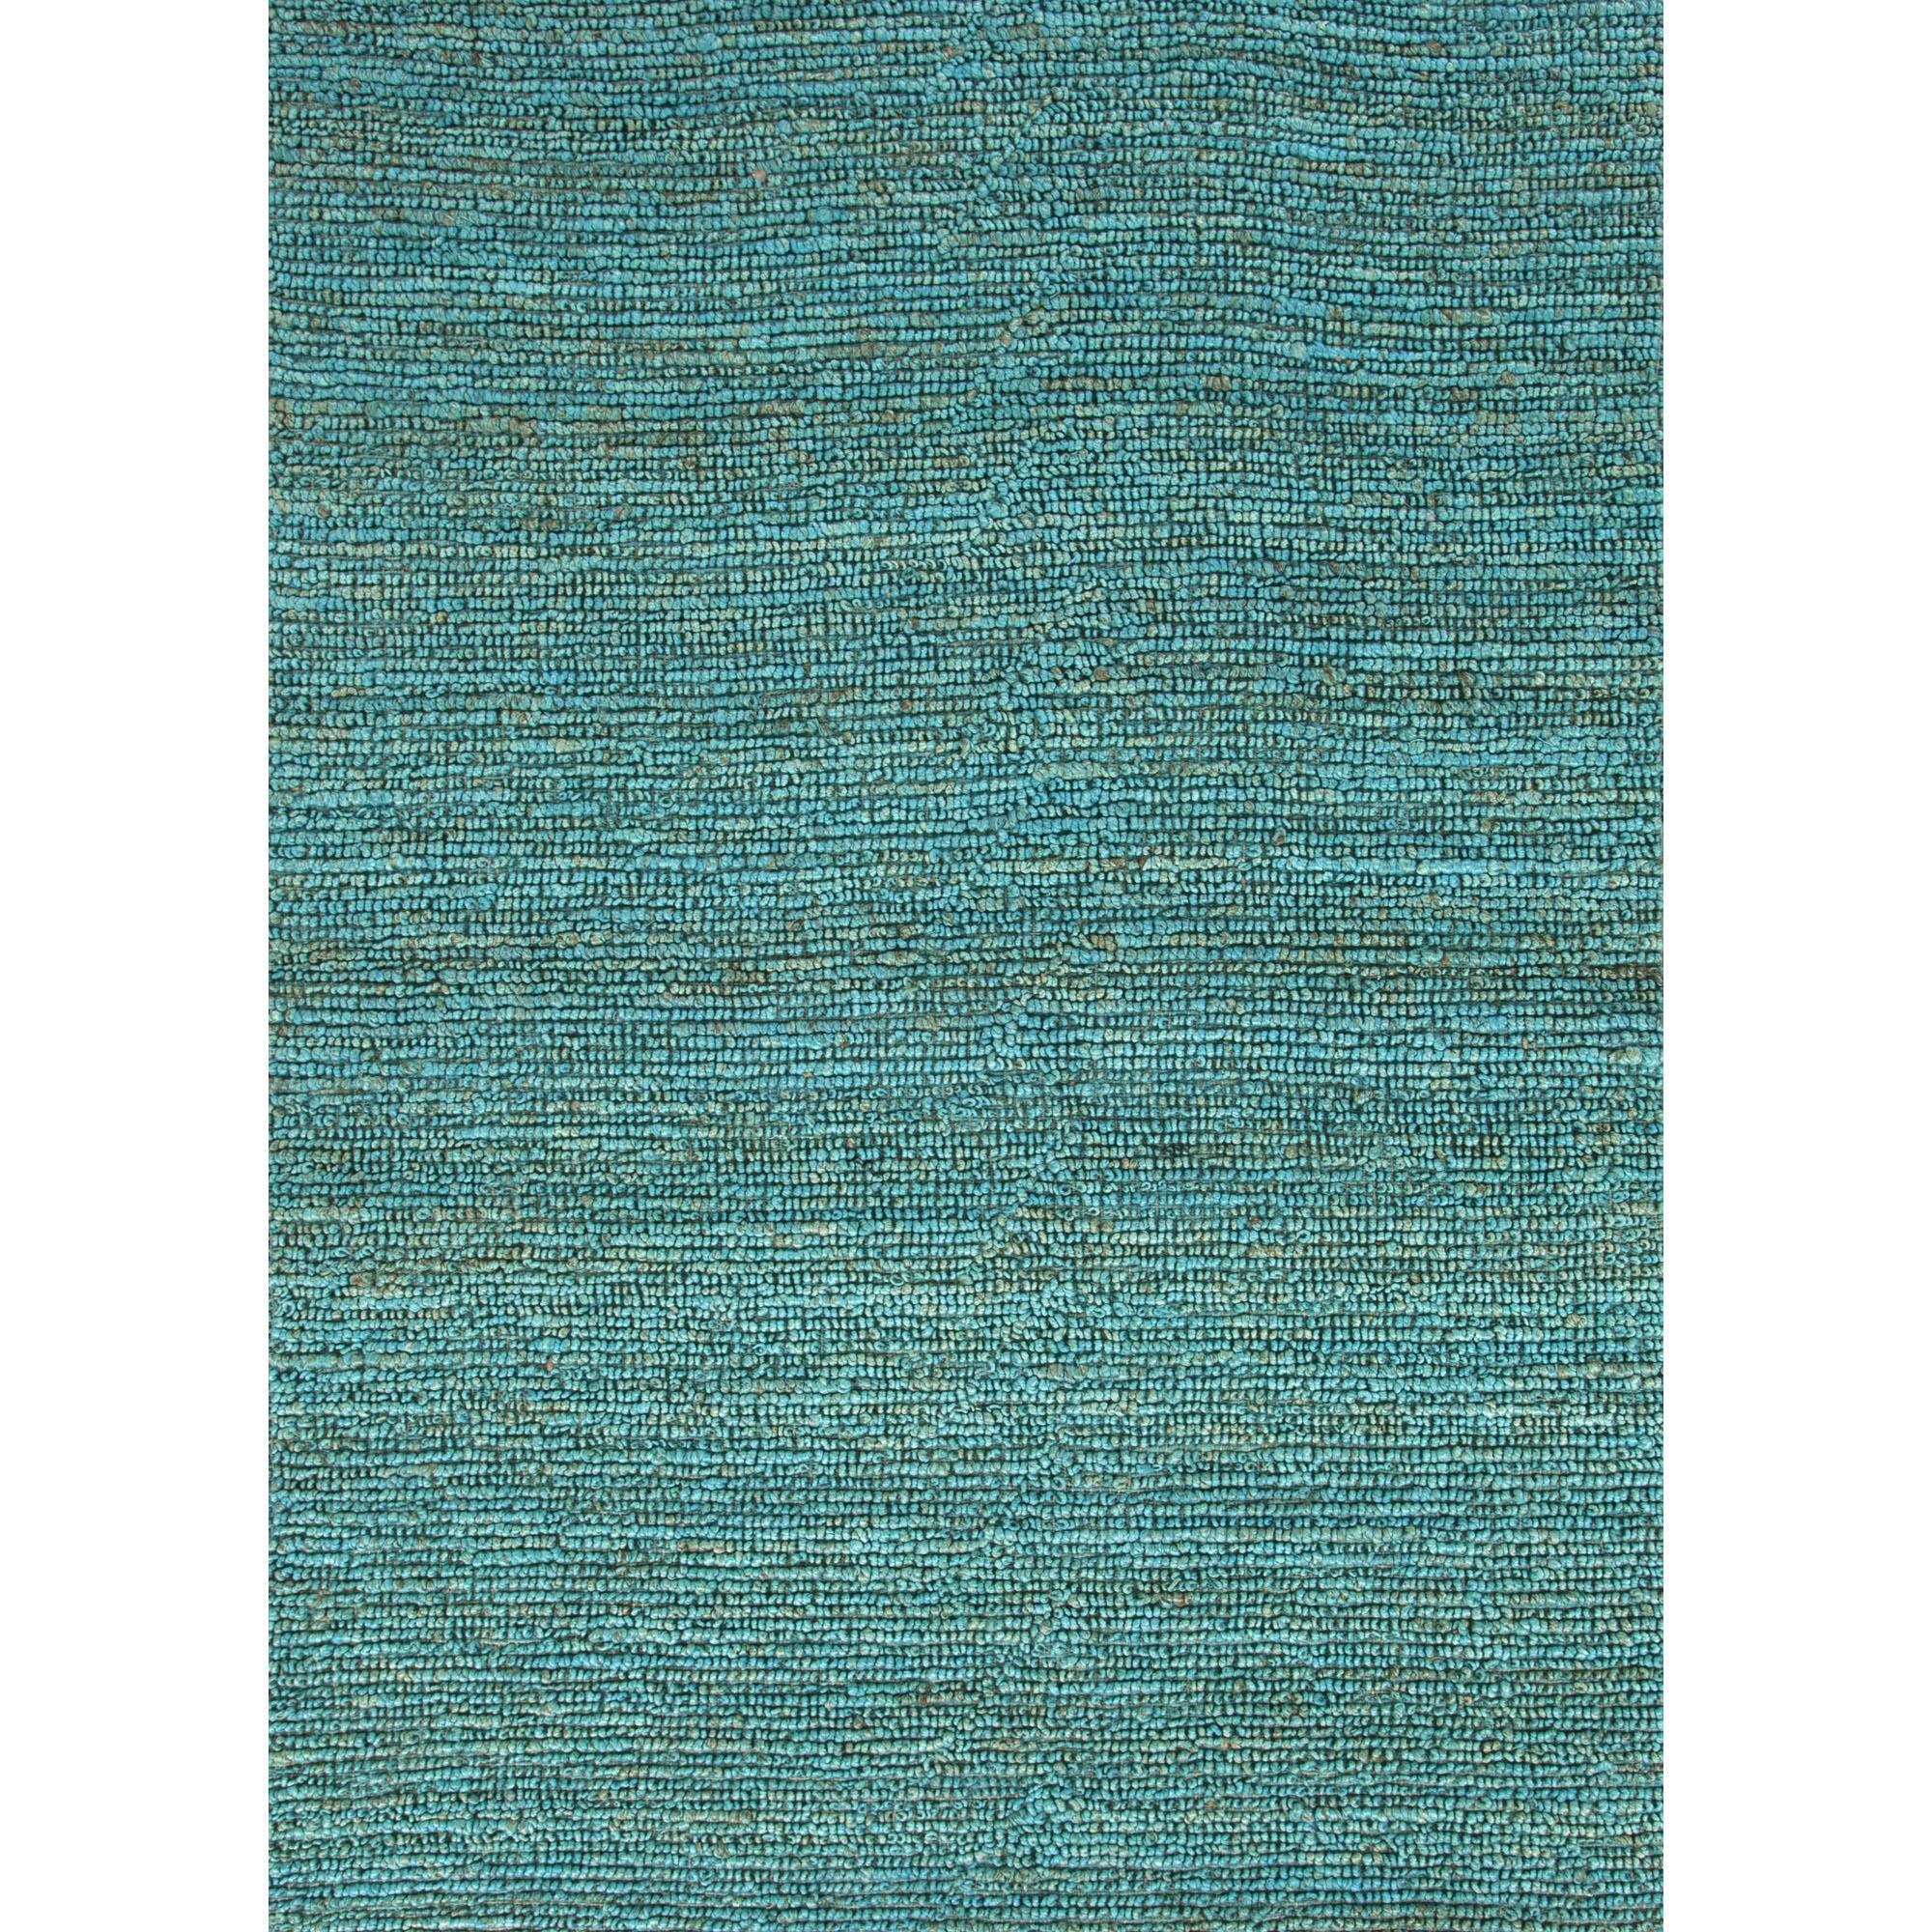 JAIPUR Rugs Calypso 8 x 10 Rug - Item Number: RUG101199